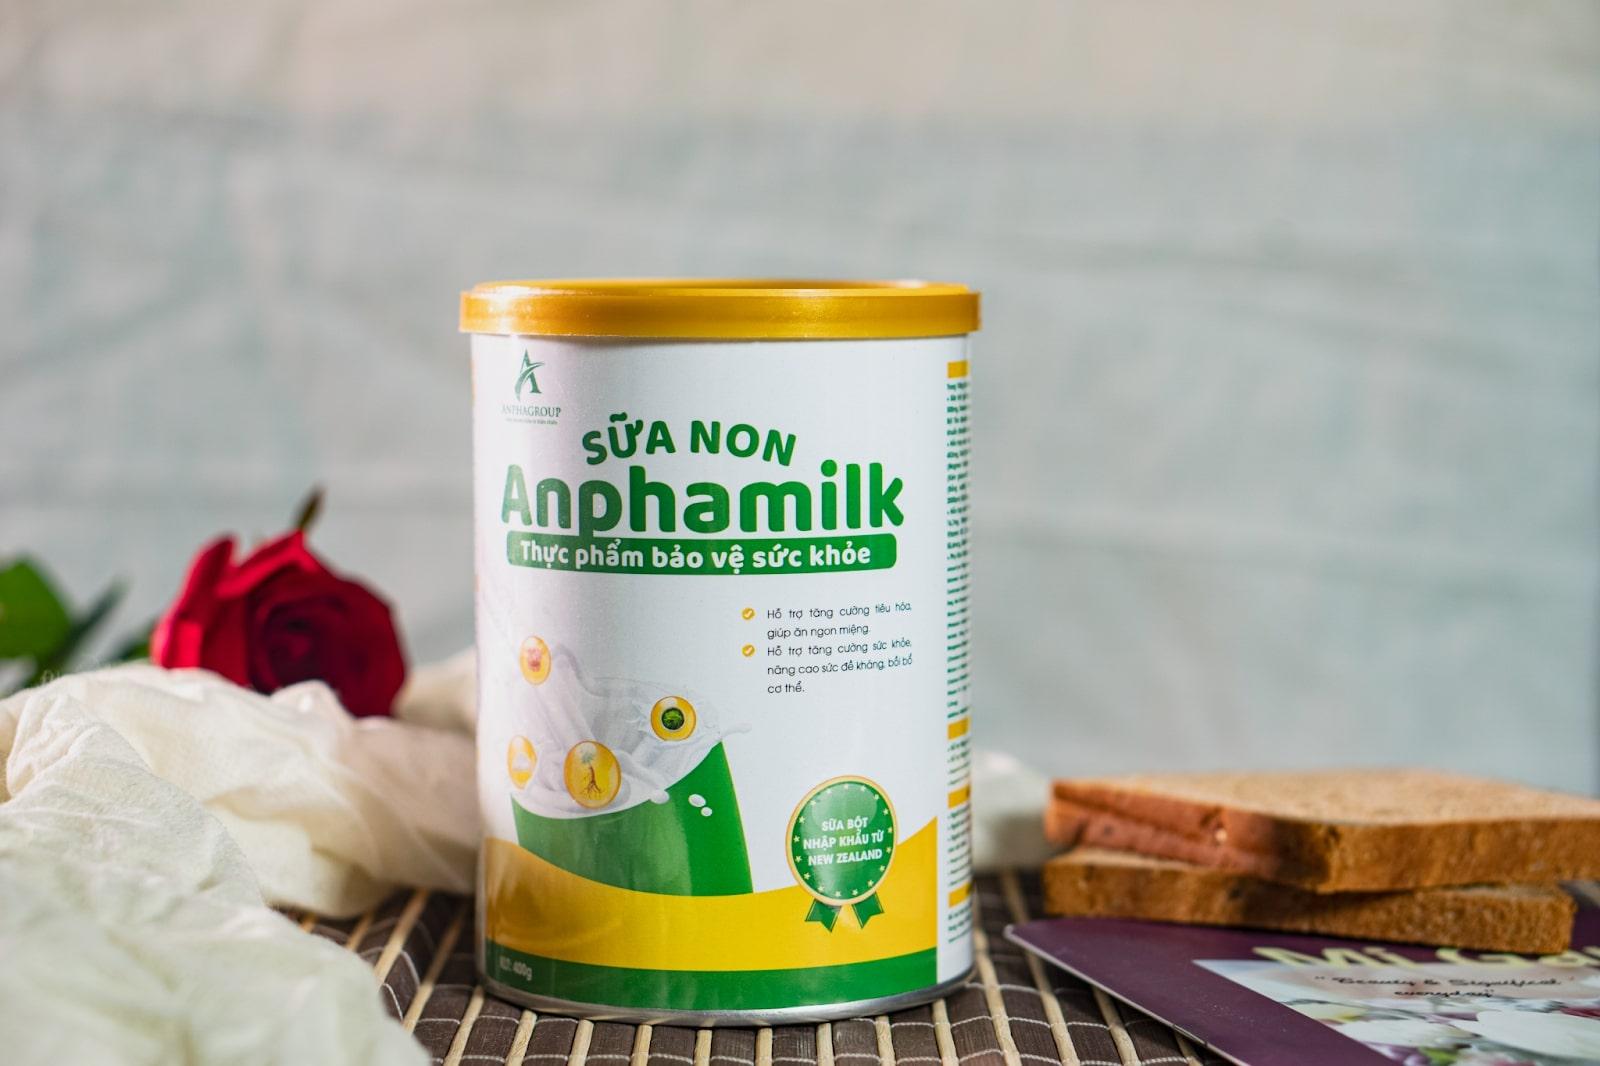 Sữa non thảo dược Anpha Milk và sức hút khủng khiếp nhờ tác dụng phòng ngừa dịch bệnh hiệu quả